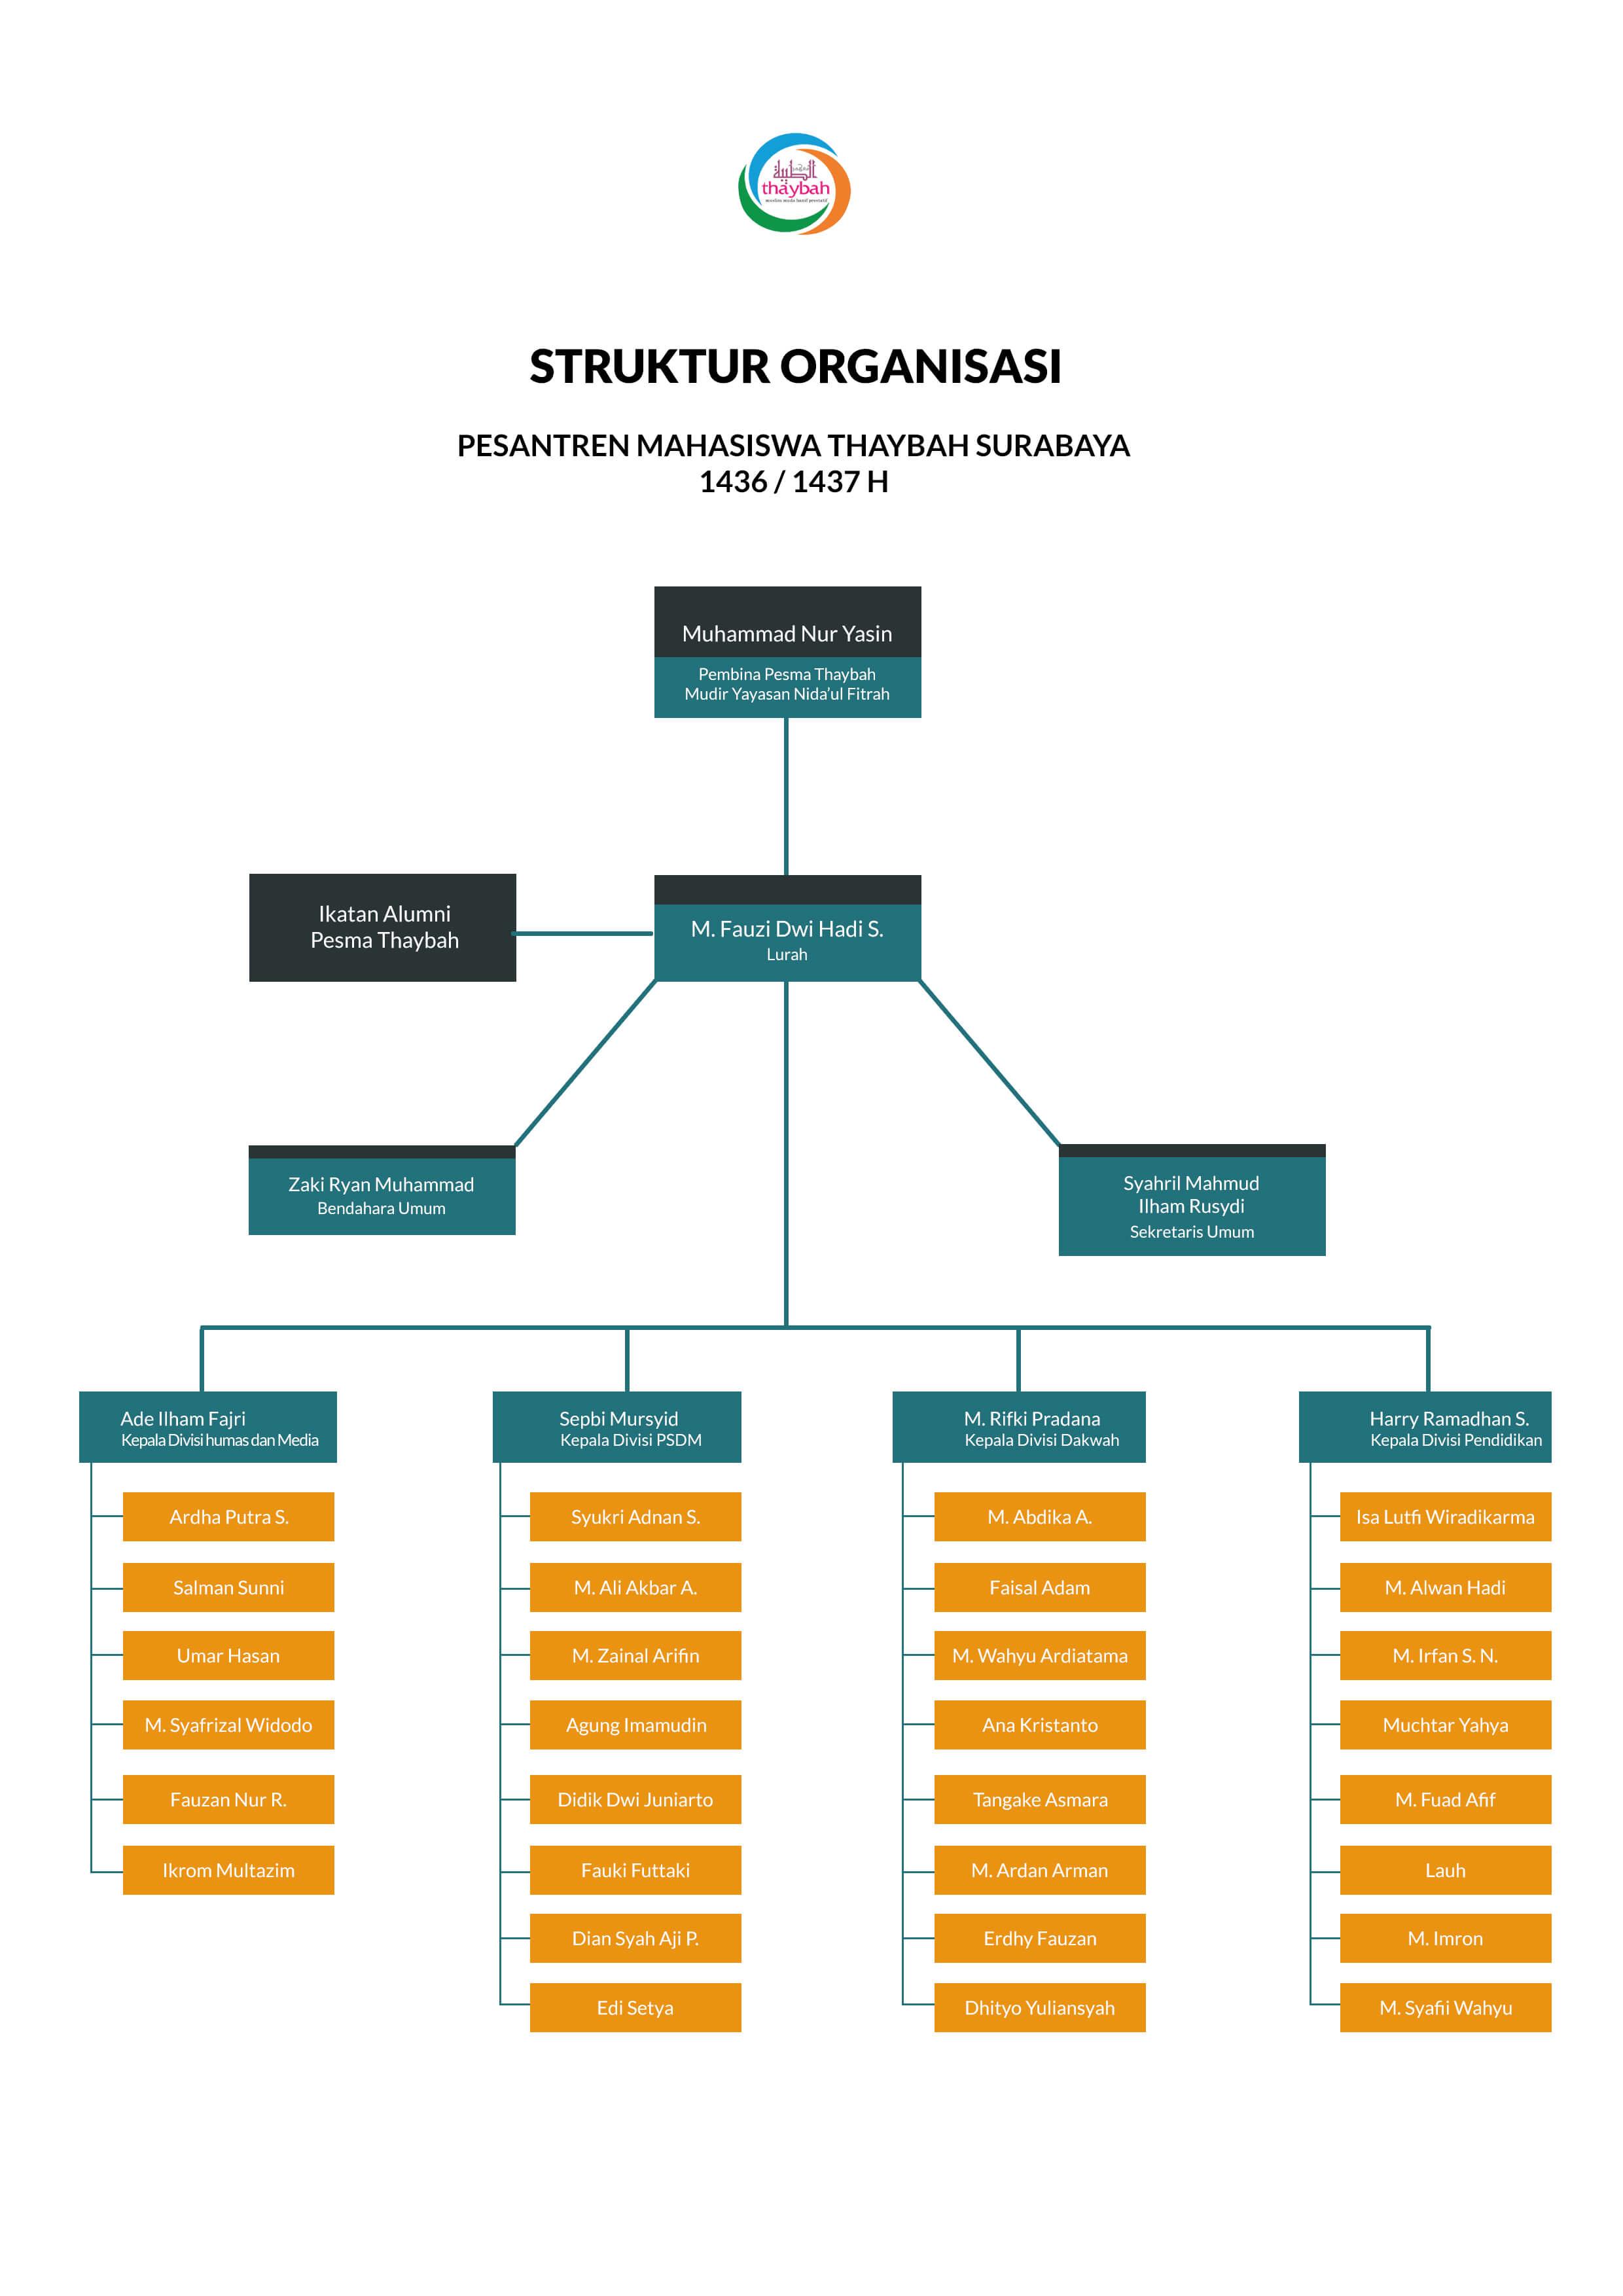 Struktur organisasi thaybah